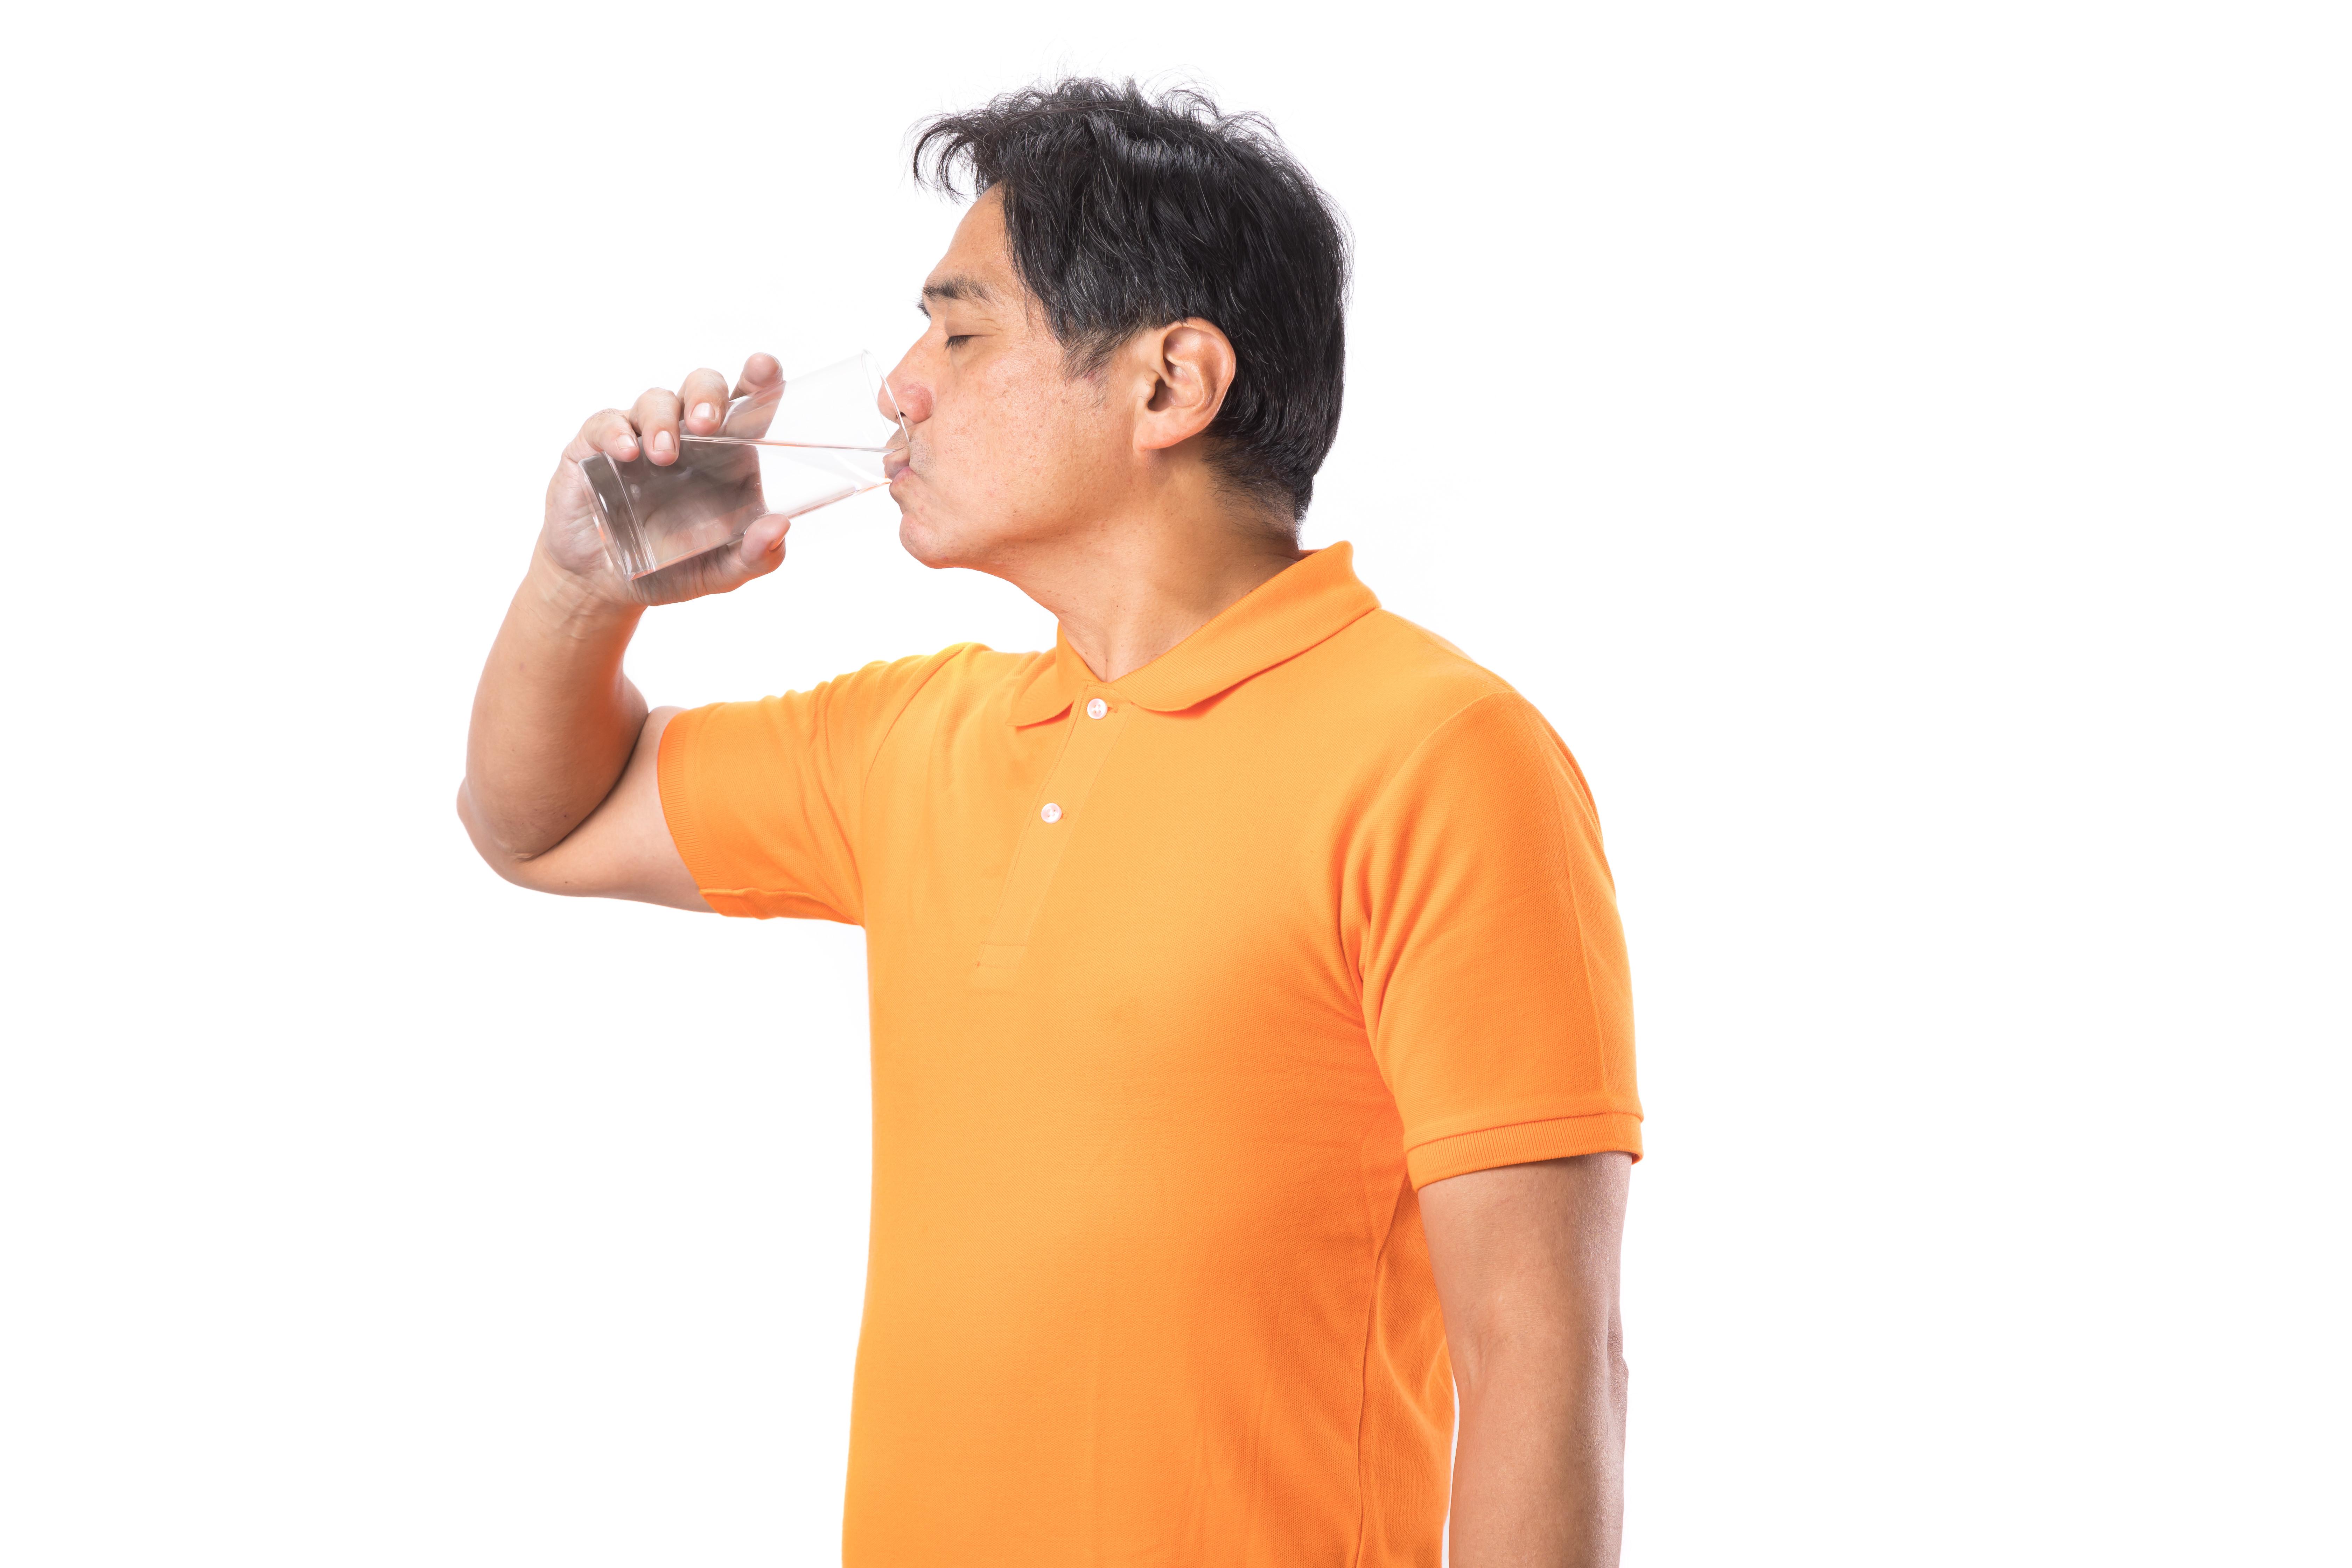 ▲喝水。(圖/取自免費圖庫pakutaso)